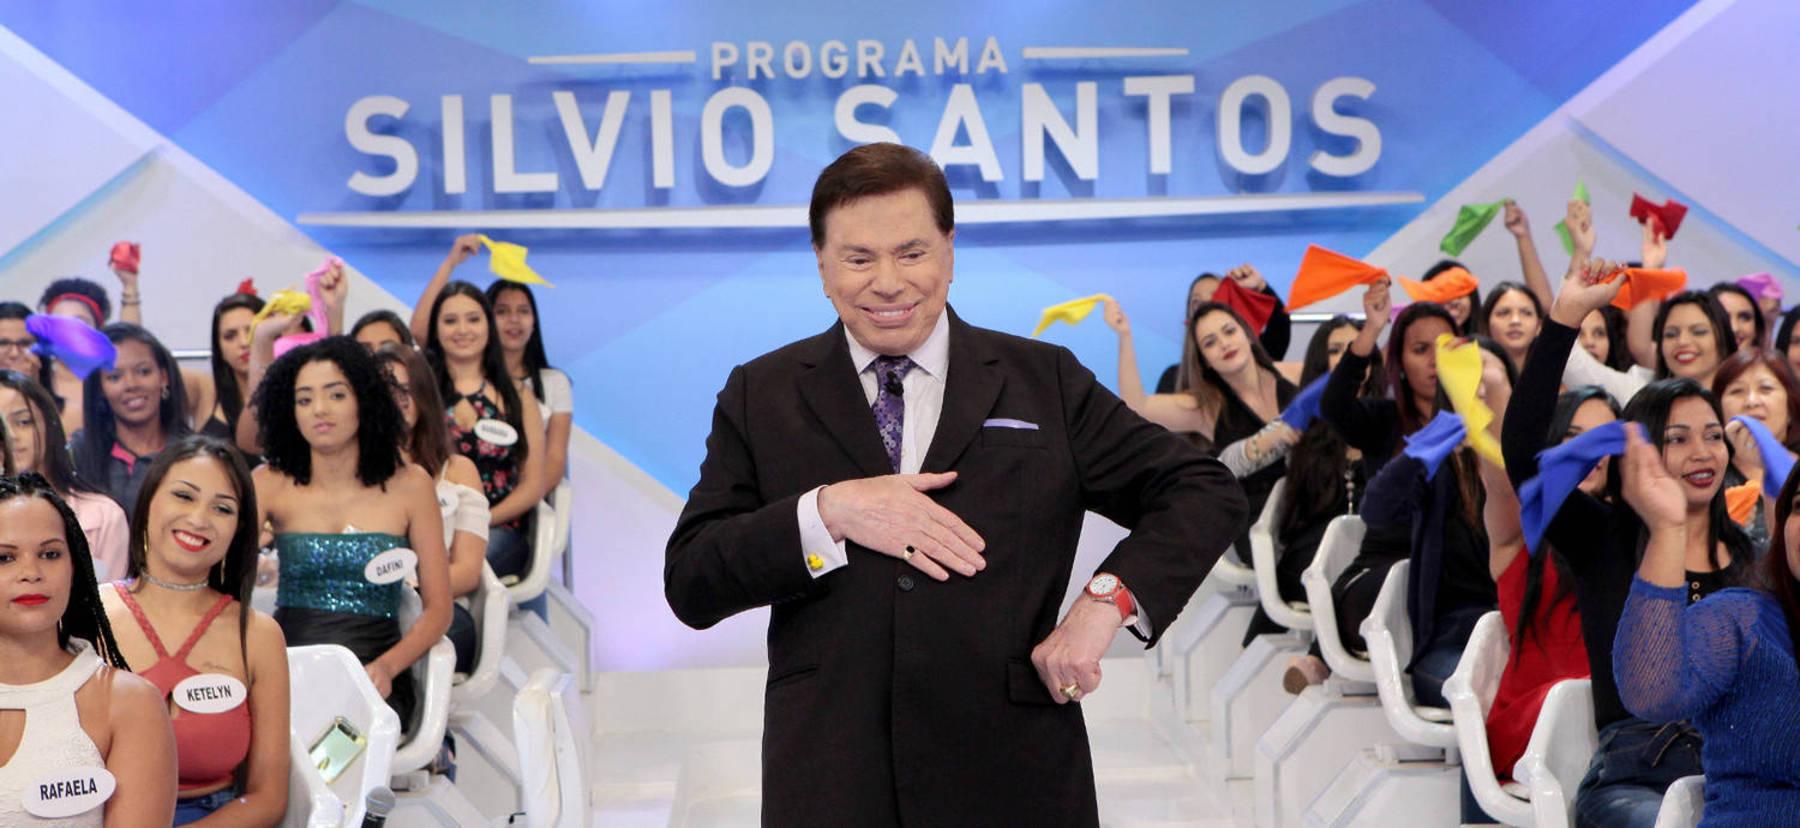 Programas de auditório sempre foram uma marca de Silvio Santos (Lourival Ribeiro/SBT/Divulgação)